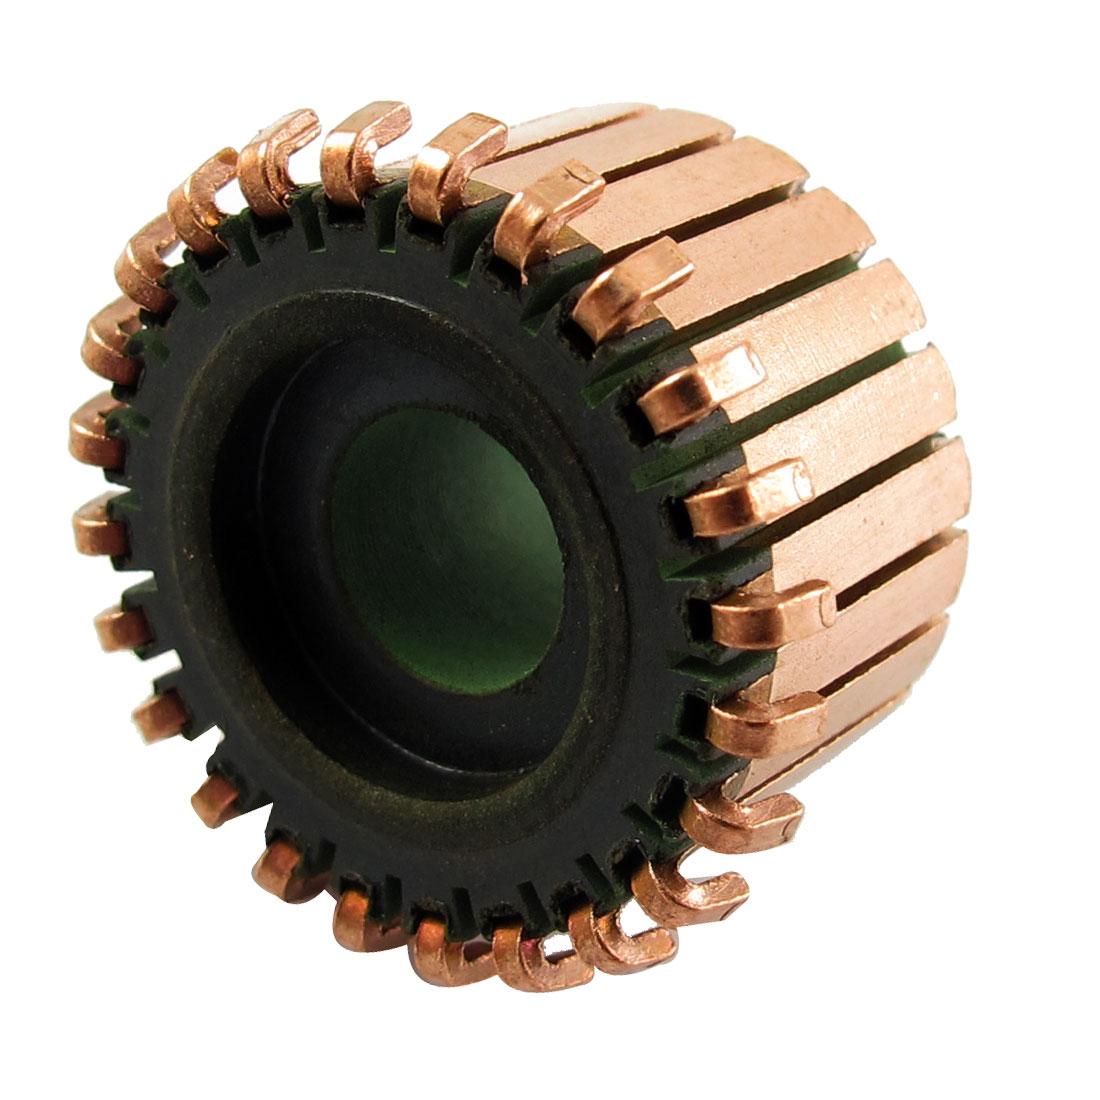 7.14mm x 18.9mm x 12.5mm 24P Copper Bars Alternator Starter Motor Commutator